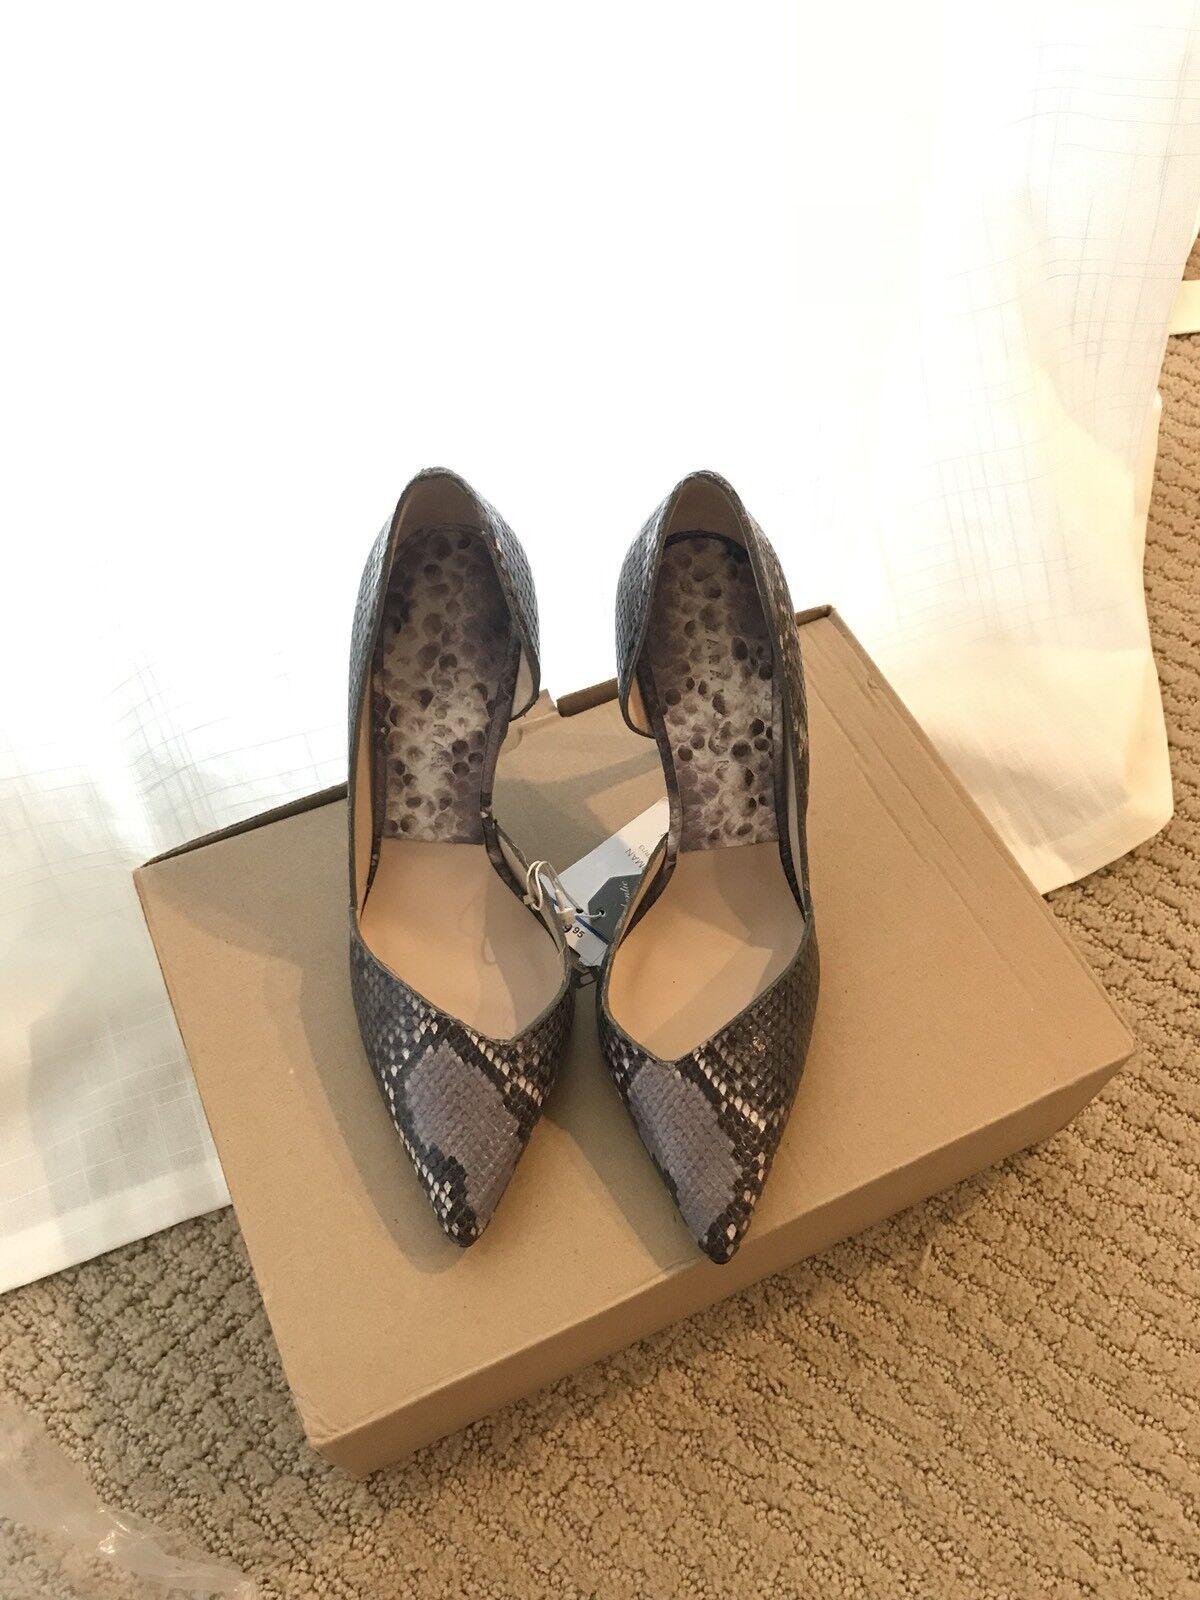 classico senza tempo Zara Snake Snake Snake Skin Leather Court scarpe Dimensione 6  economico in alta qualità